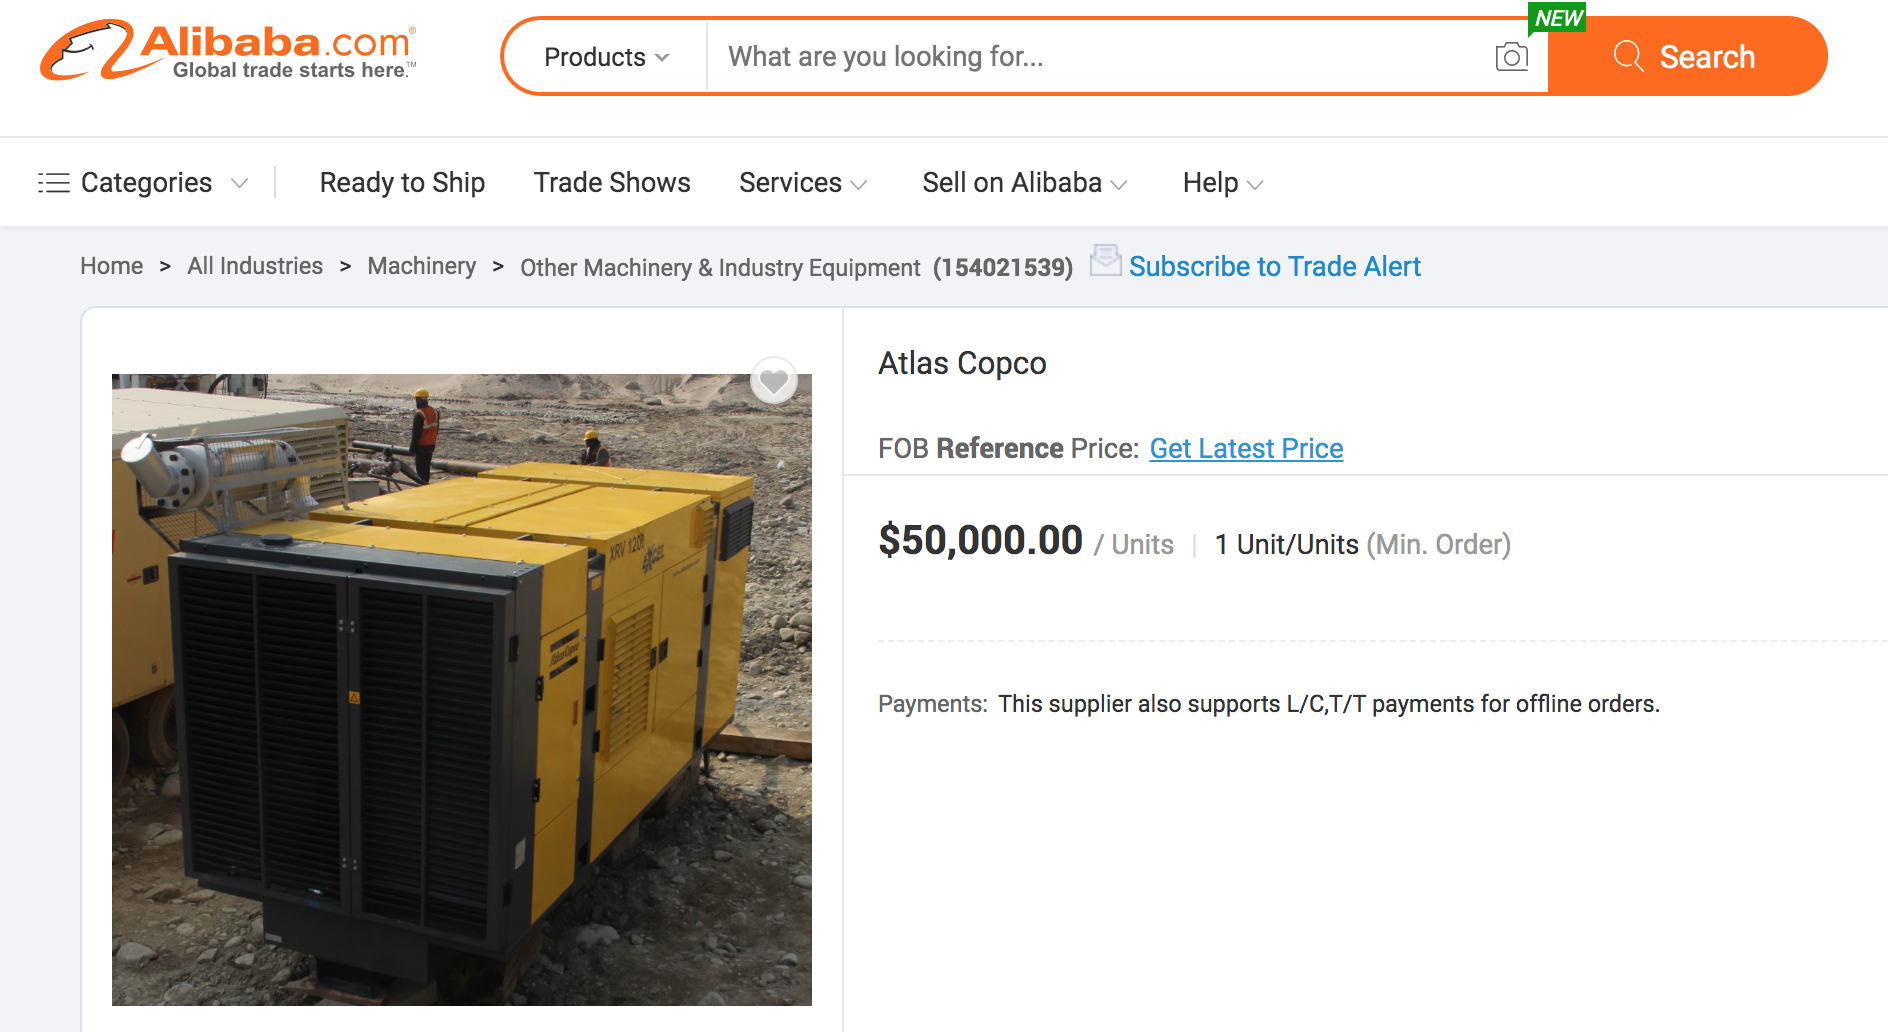 تصویری از یک واحد کمپرسور XRV 1200 بر روی وبسایت علی بابا با قیمت ۵۰ هزار دلار.